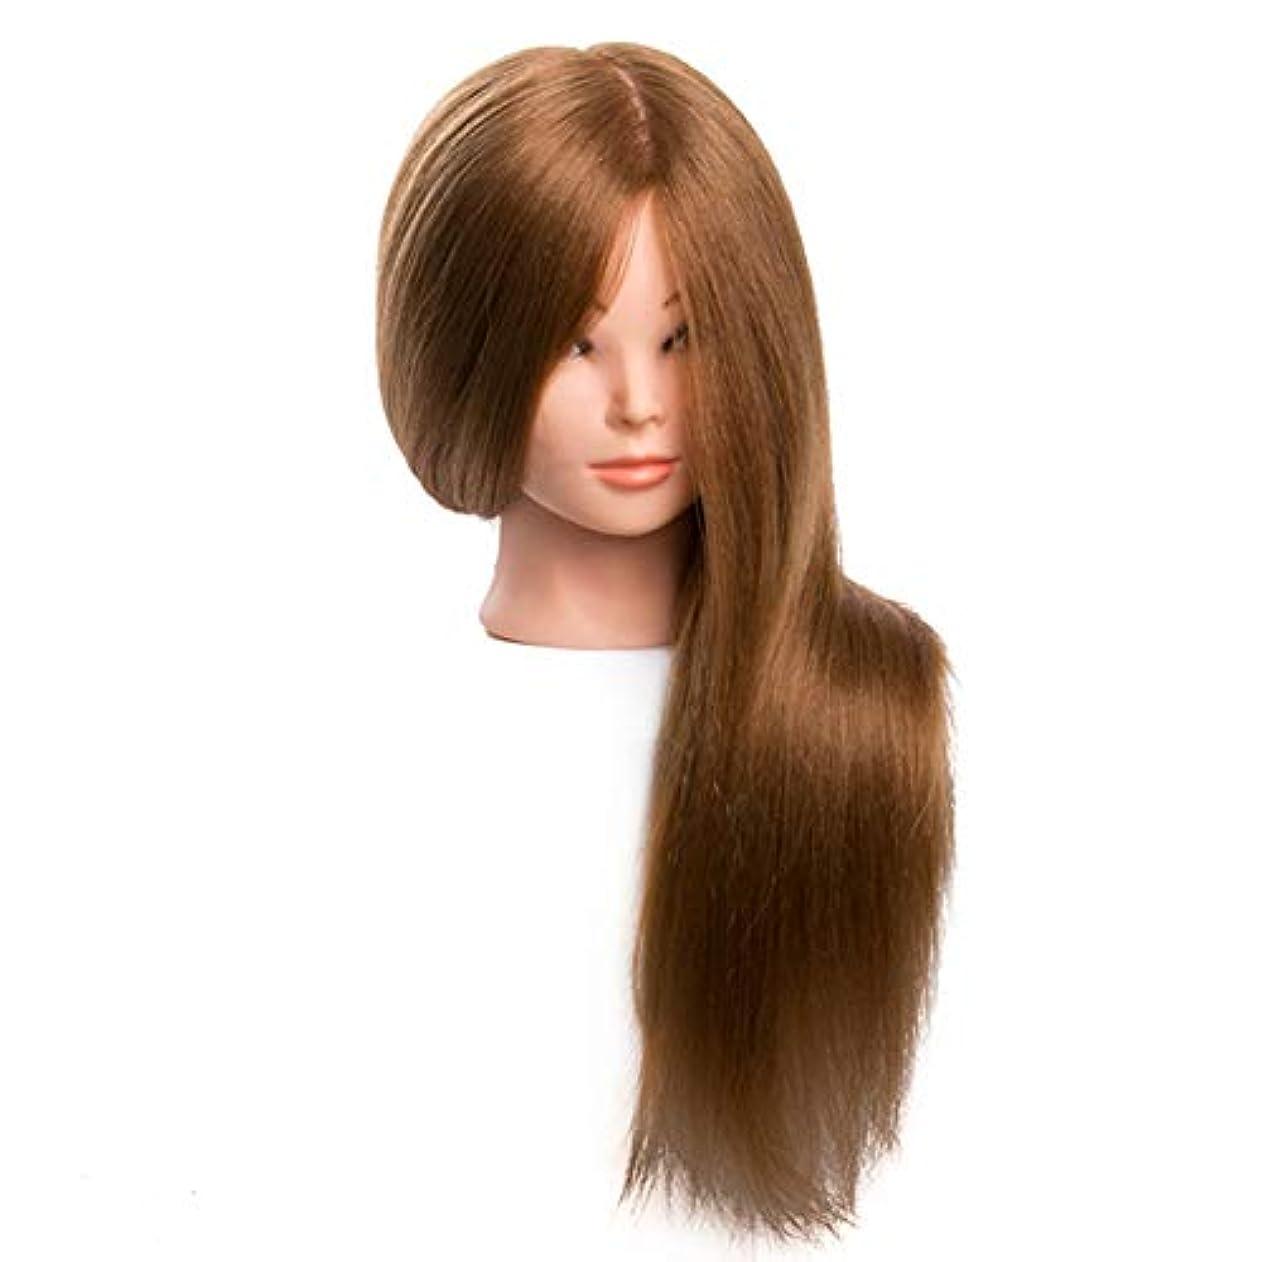 収縮金銭的概要サロンエクササイズヘッド金型メイクディスクヘアスタイリング編組ティーチングダミーヘッド理髪ヘアカットトレーニングかつら3個